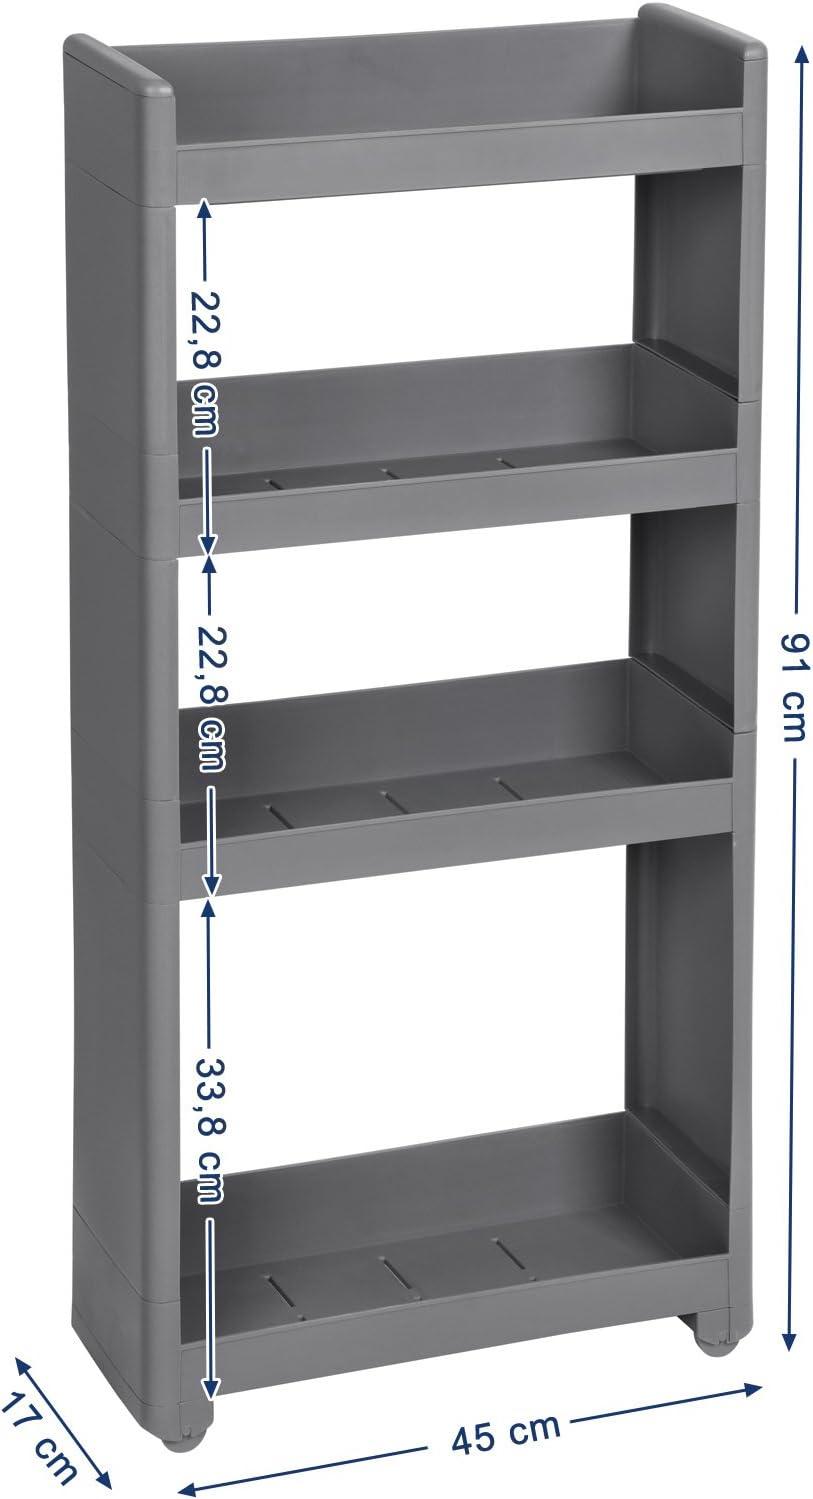 SONGMICS Nischenregal, rollbares Aufbewahrungsregal, schmaler Rollwagen,  20-stöckiges Kunststoffregal mit Rollen für Küche, Badezimmer, Grau 205 x 20  x